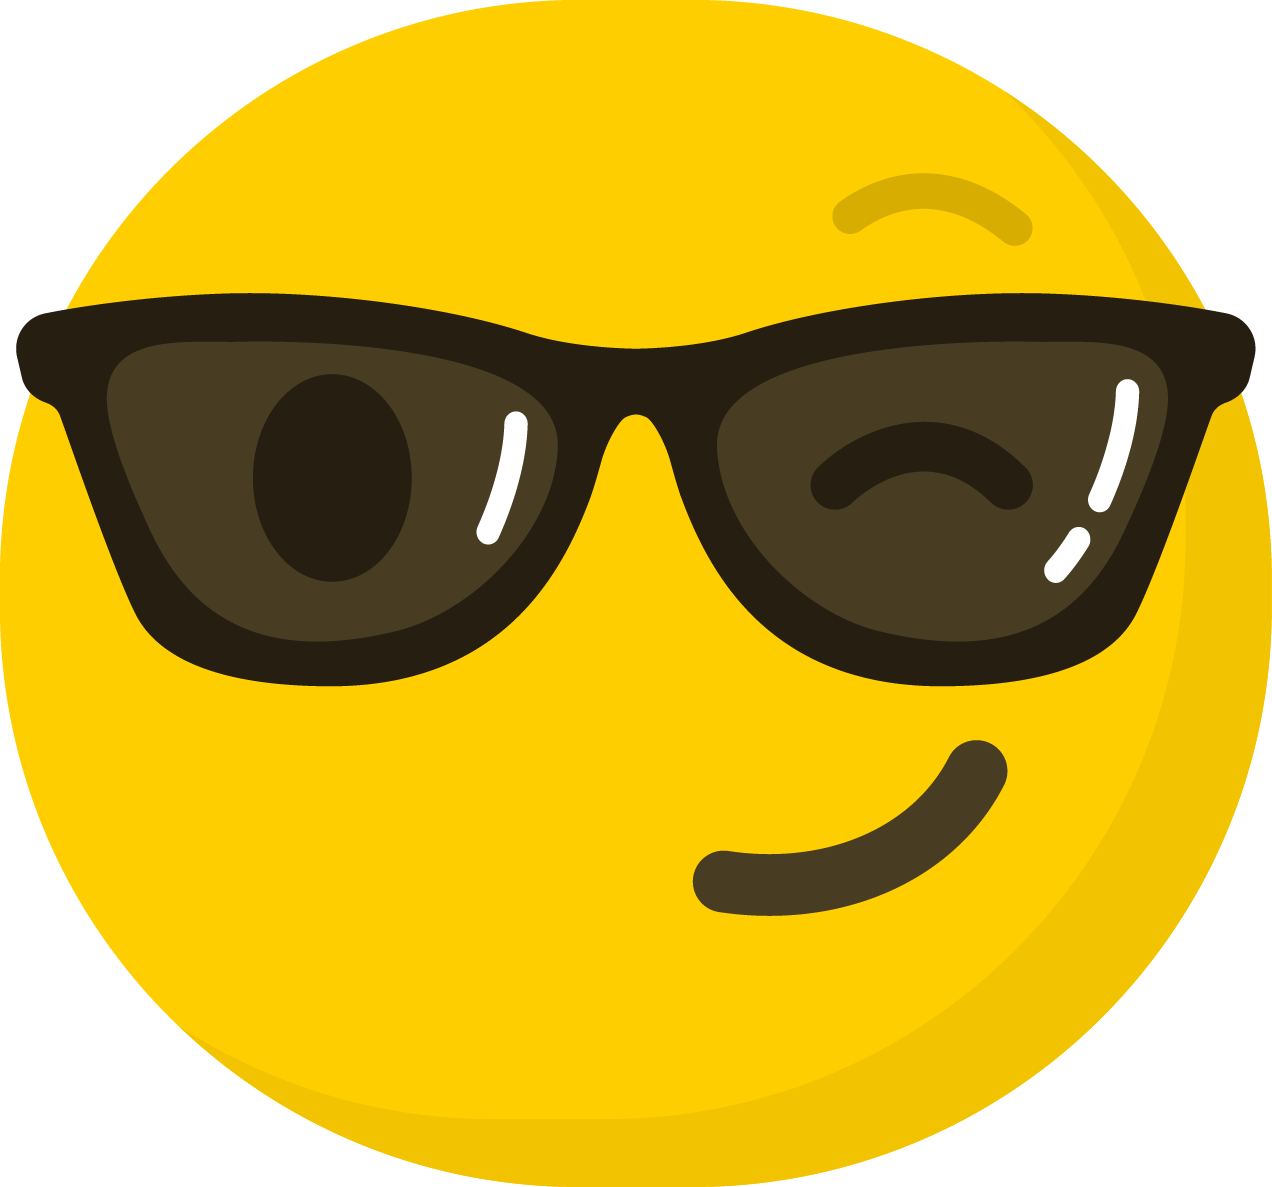 Friendly clipart emoticon. Smiley emoji computer icons